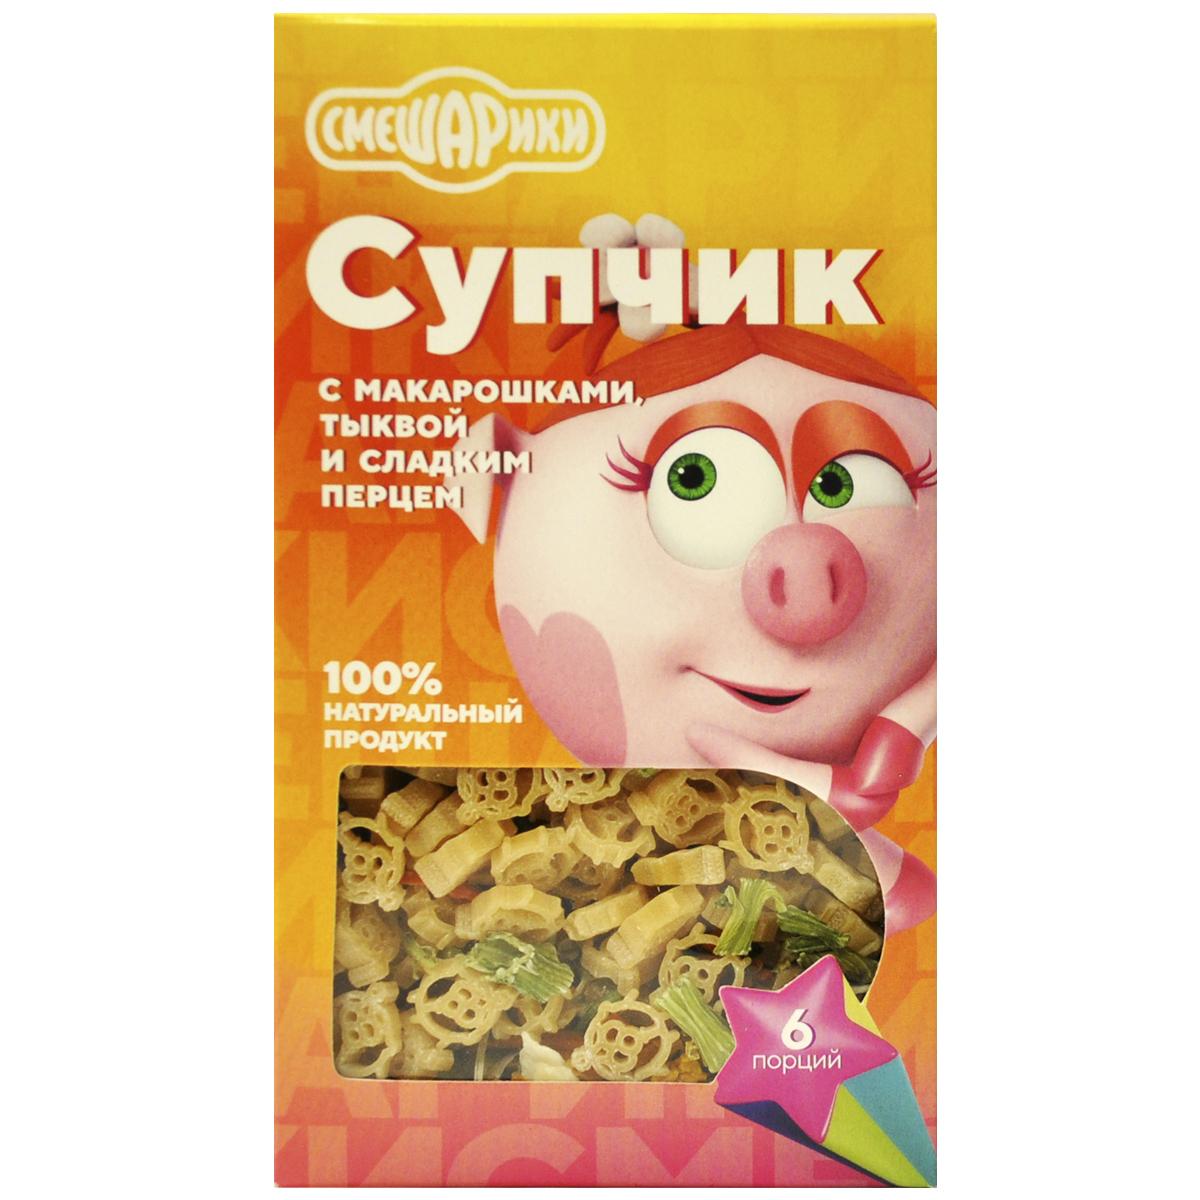 Супчик с макарошками тыквой и сладким перцем СМЕШАРИКИ 160 гр